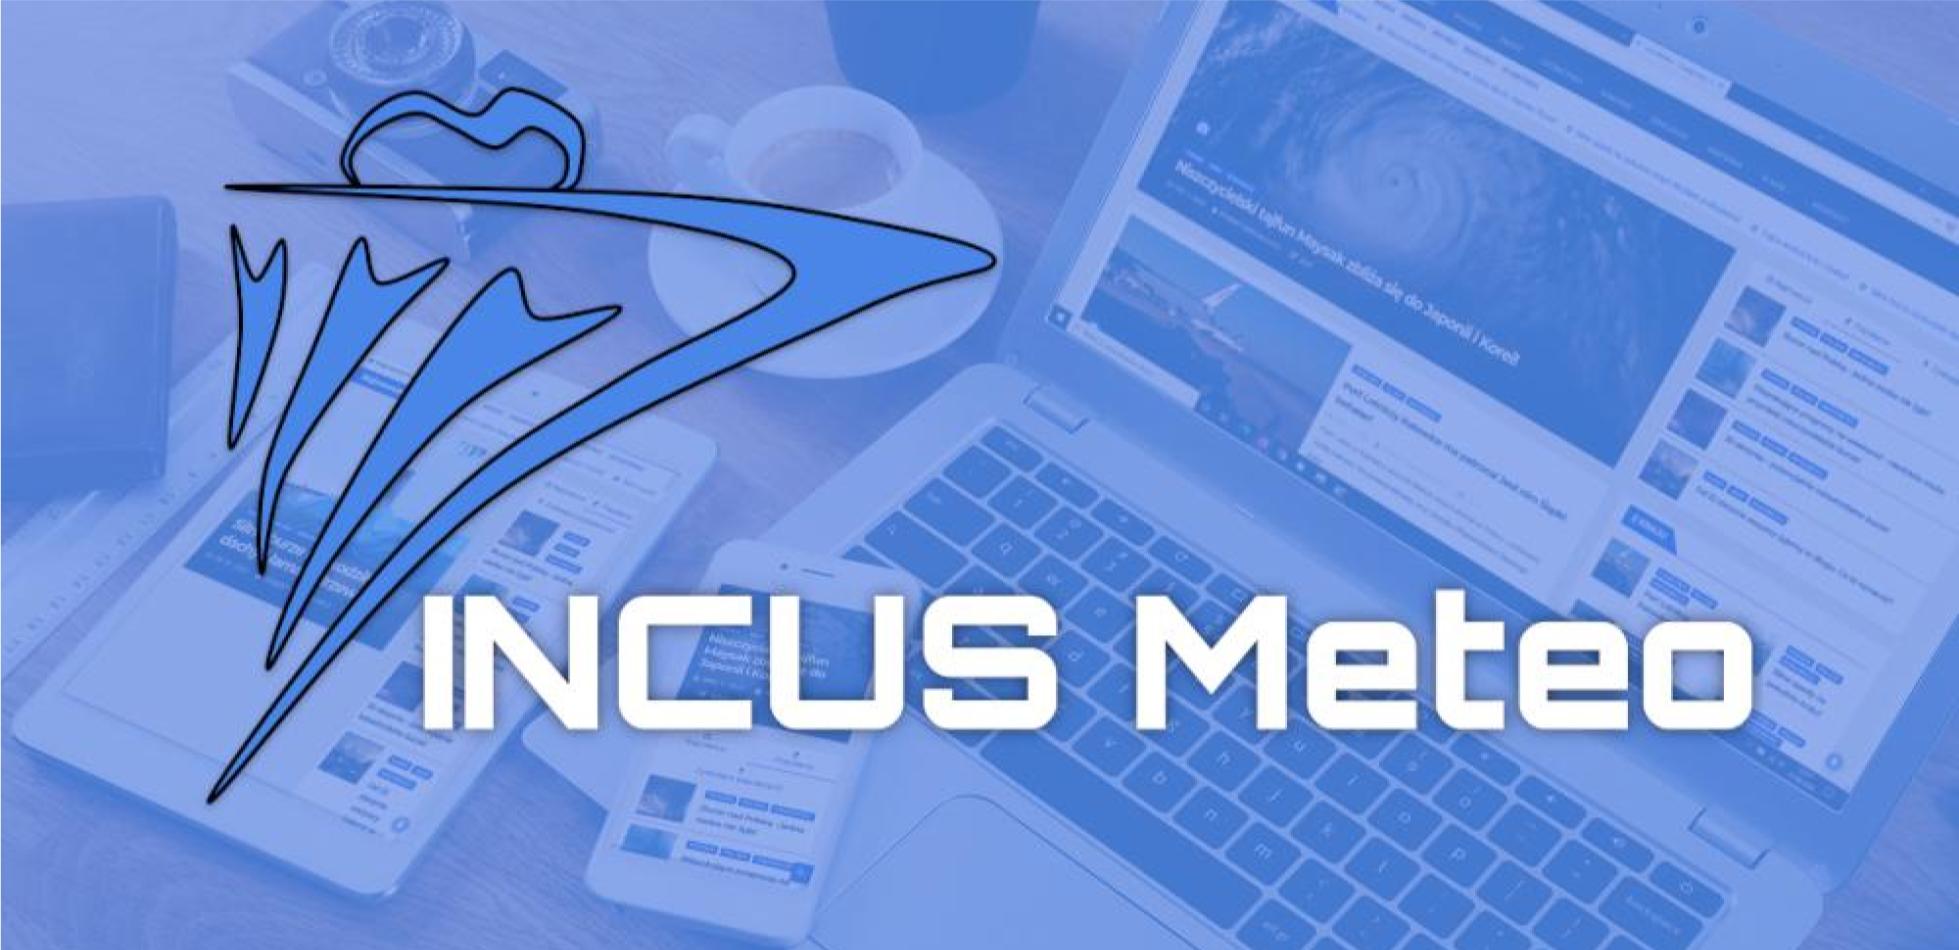 Incus Meteo